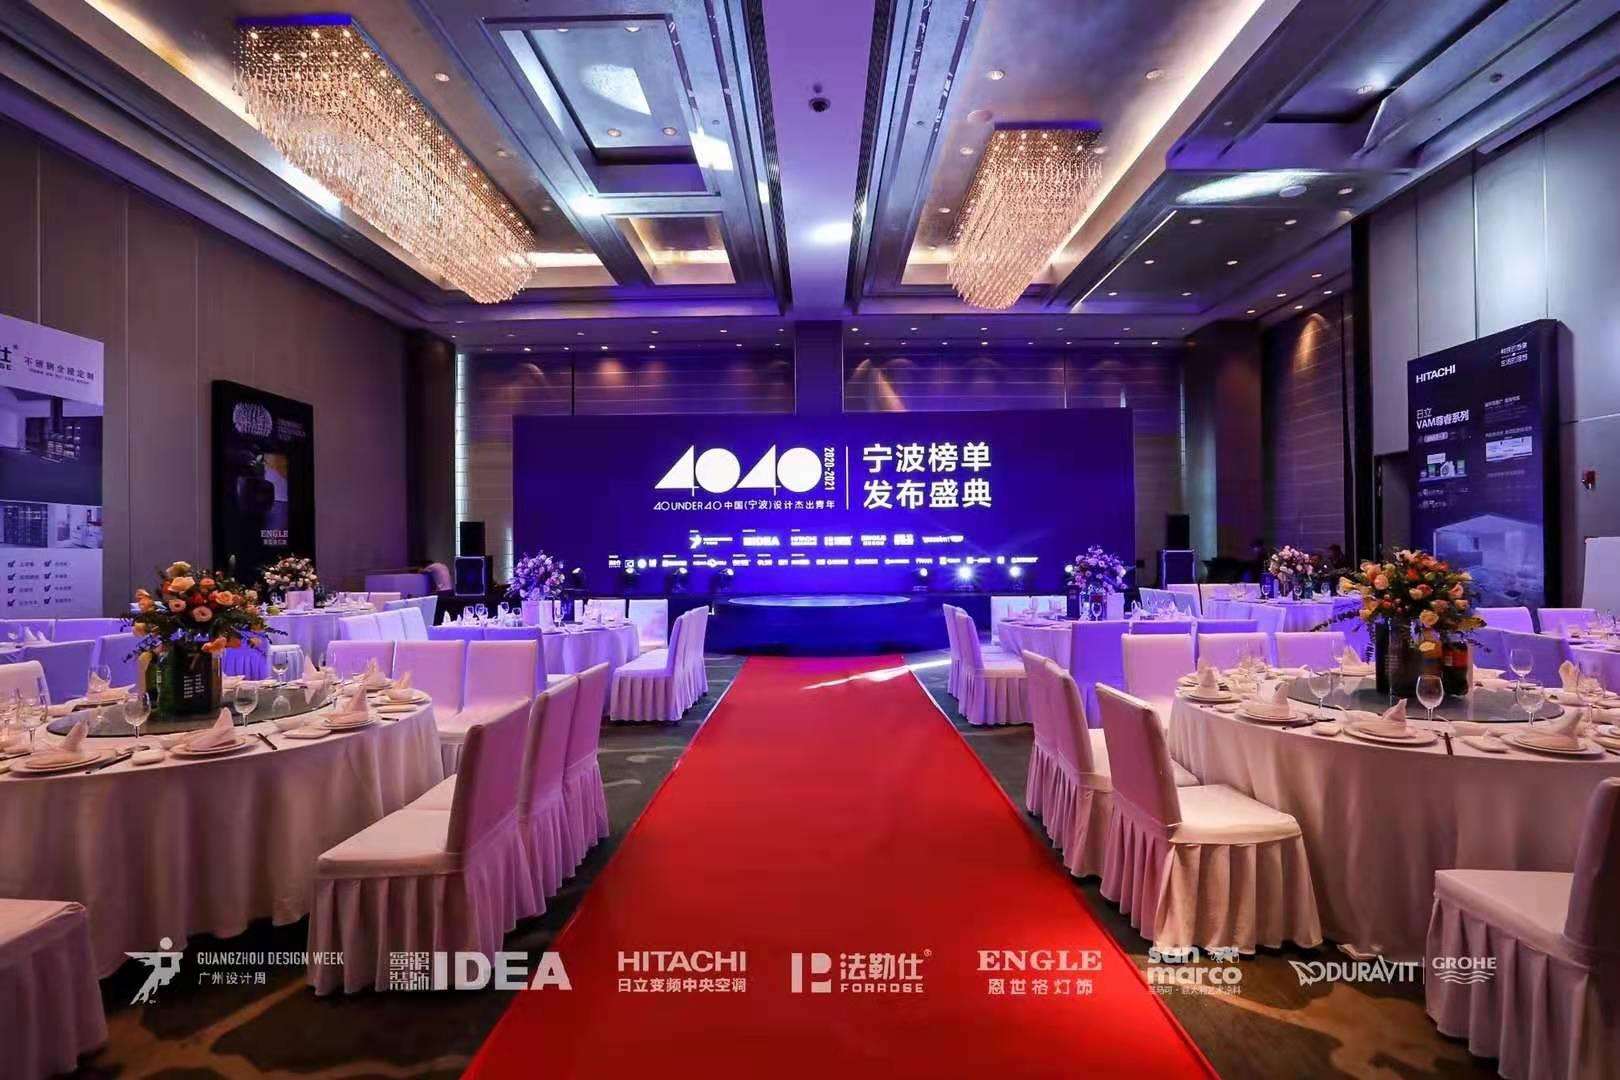 2020年40UNDER40宁波榜发布盛典   精英璀璨·匠心筑梦